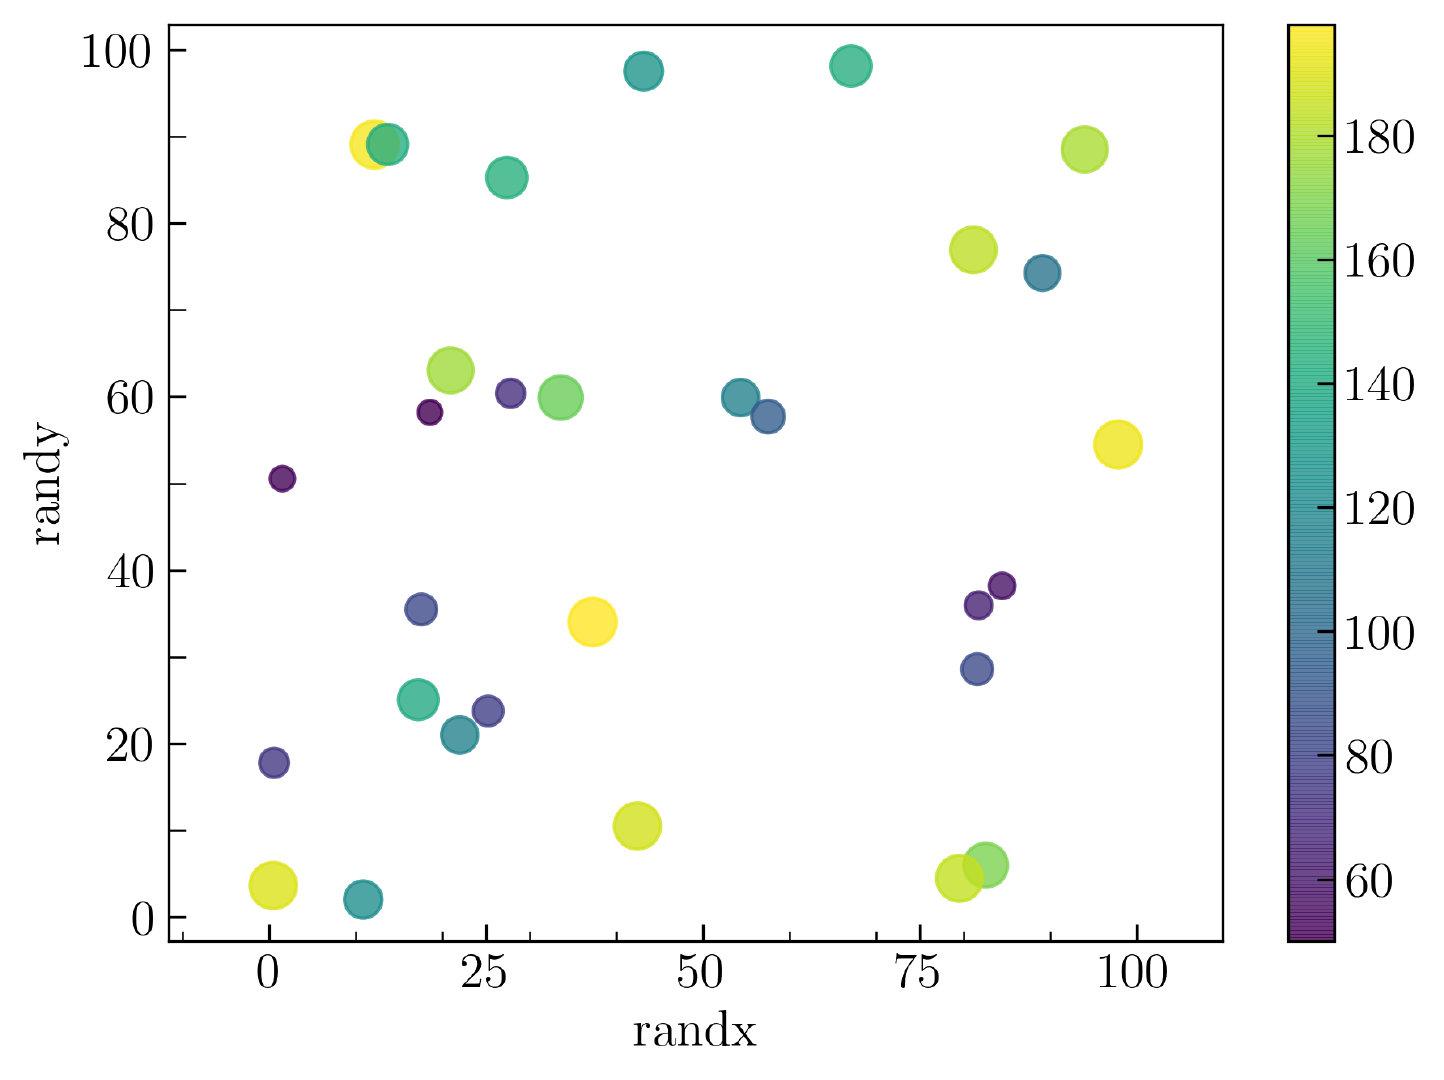 图8. 不同颜色标注的散点图